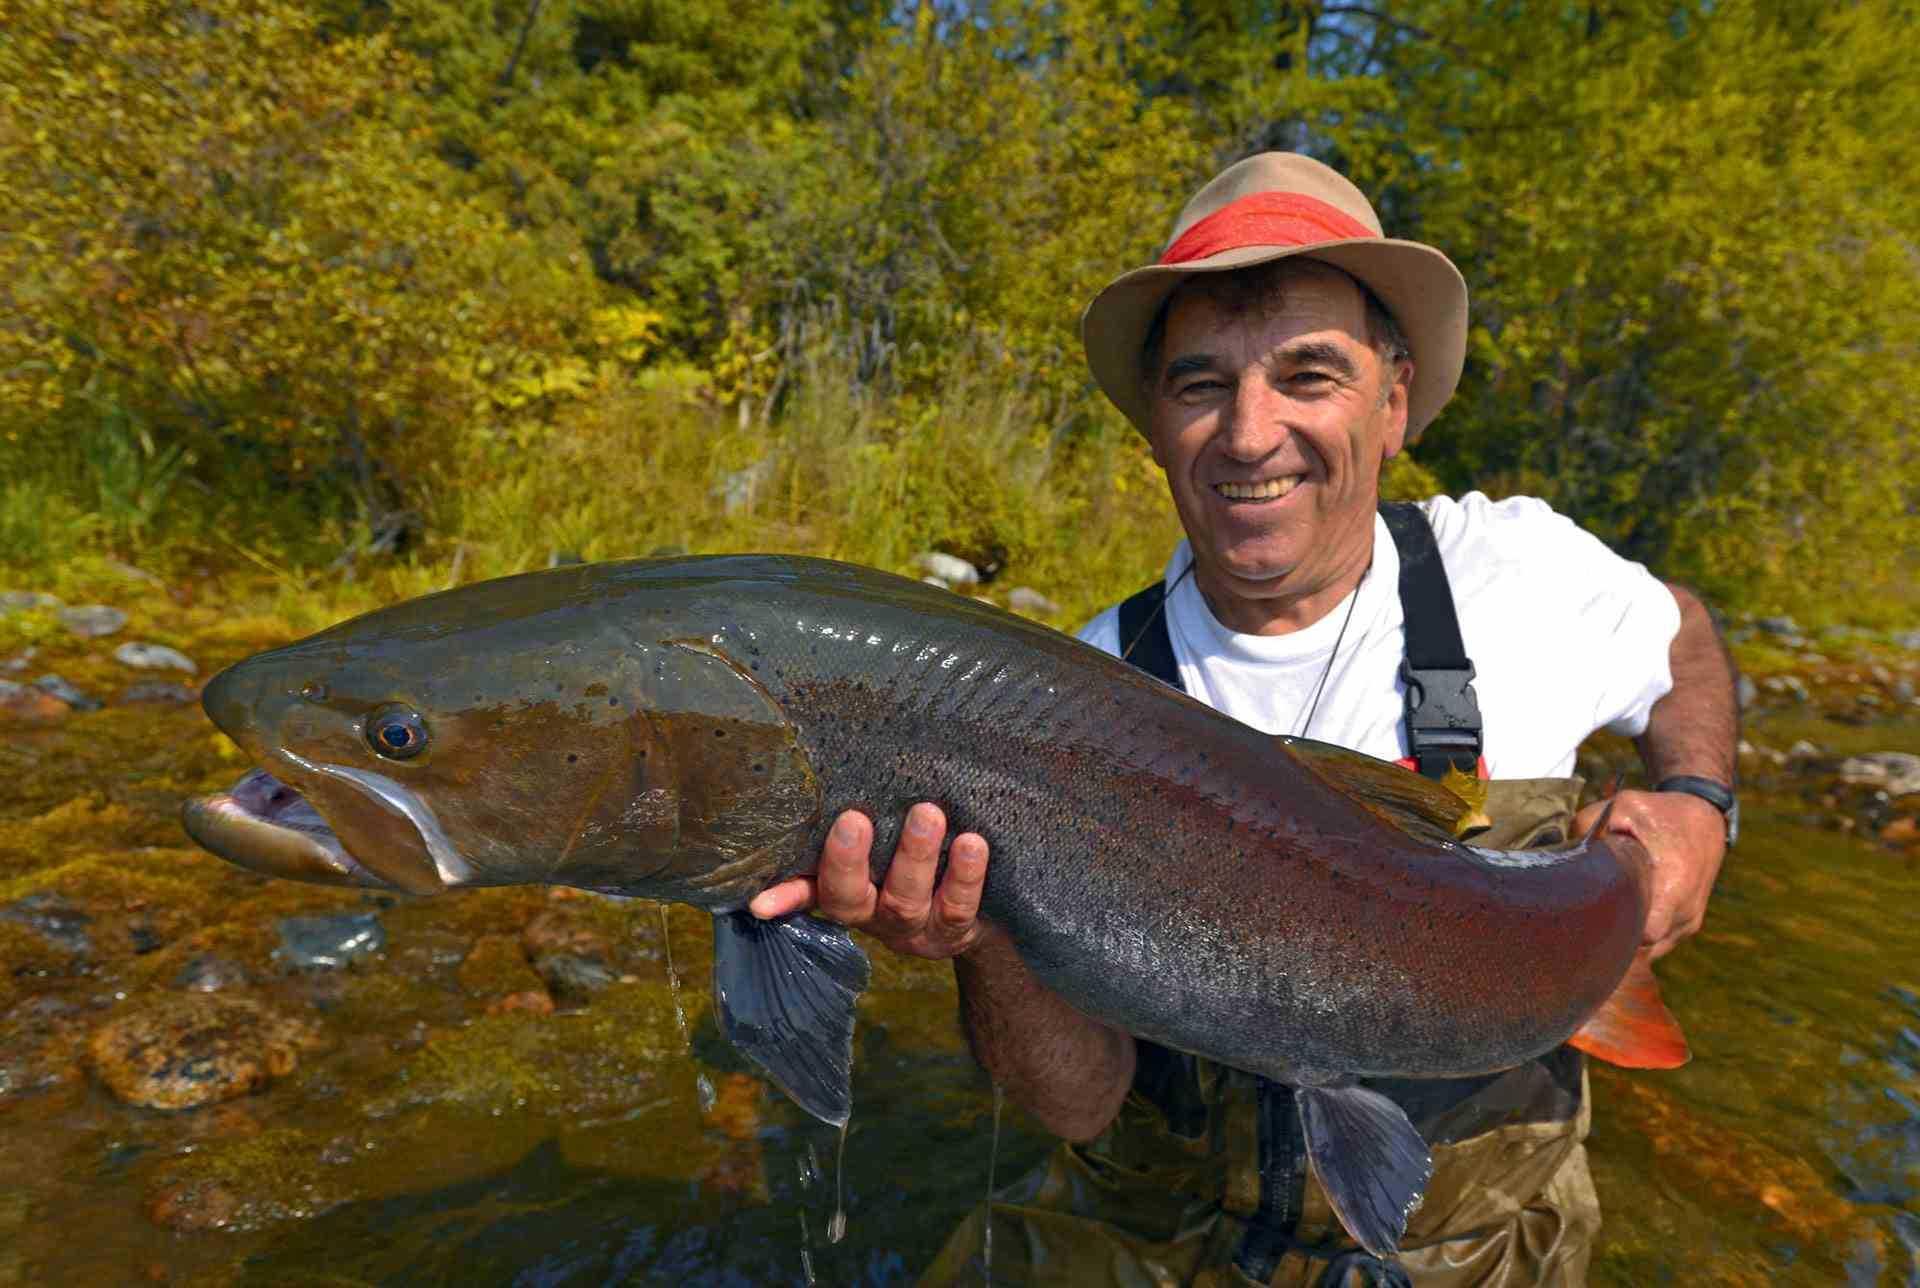 Les places sur la rivière voronej pour la pêche